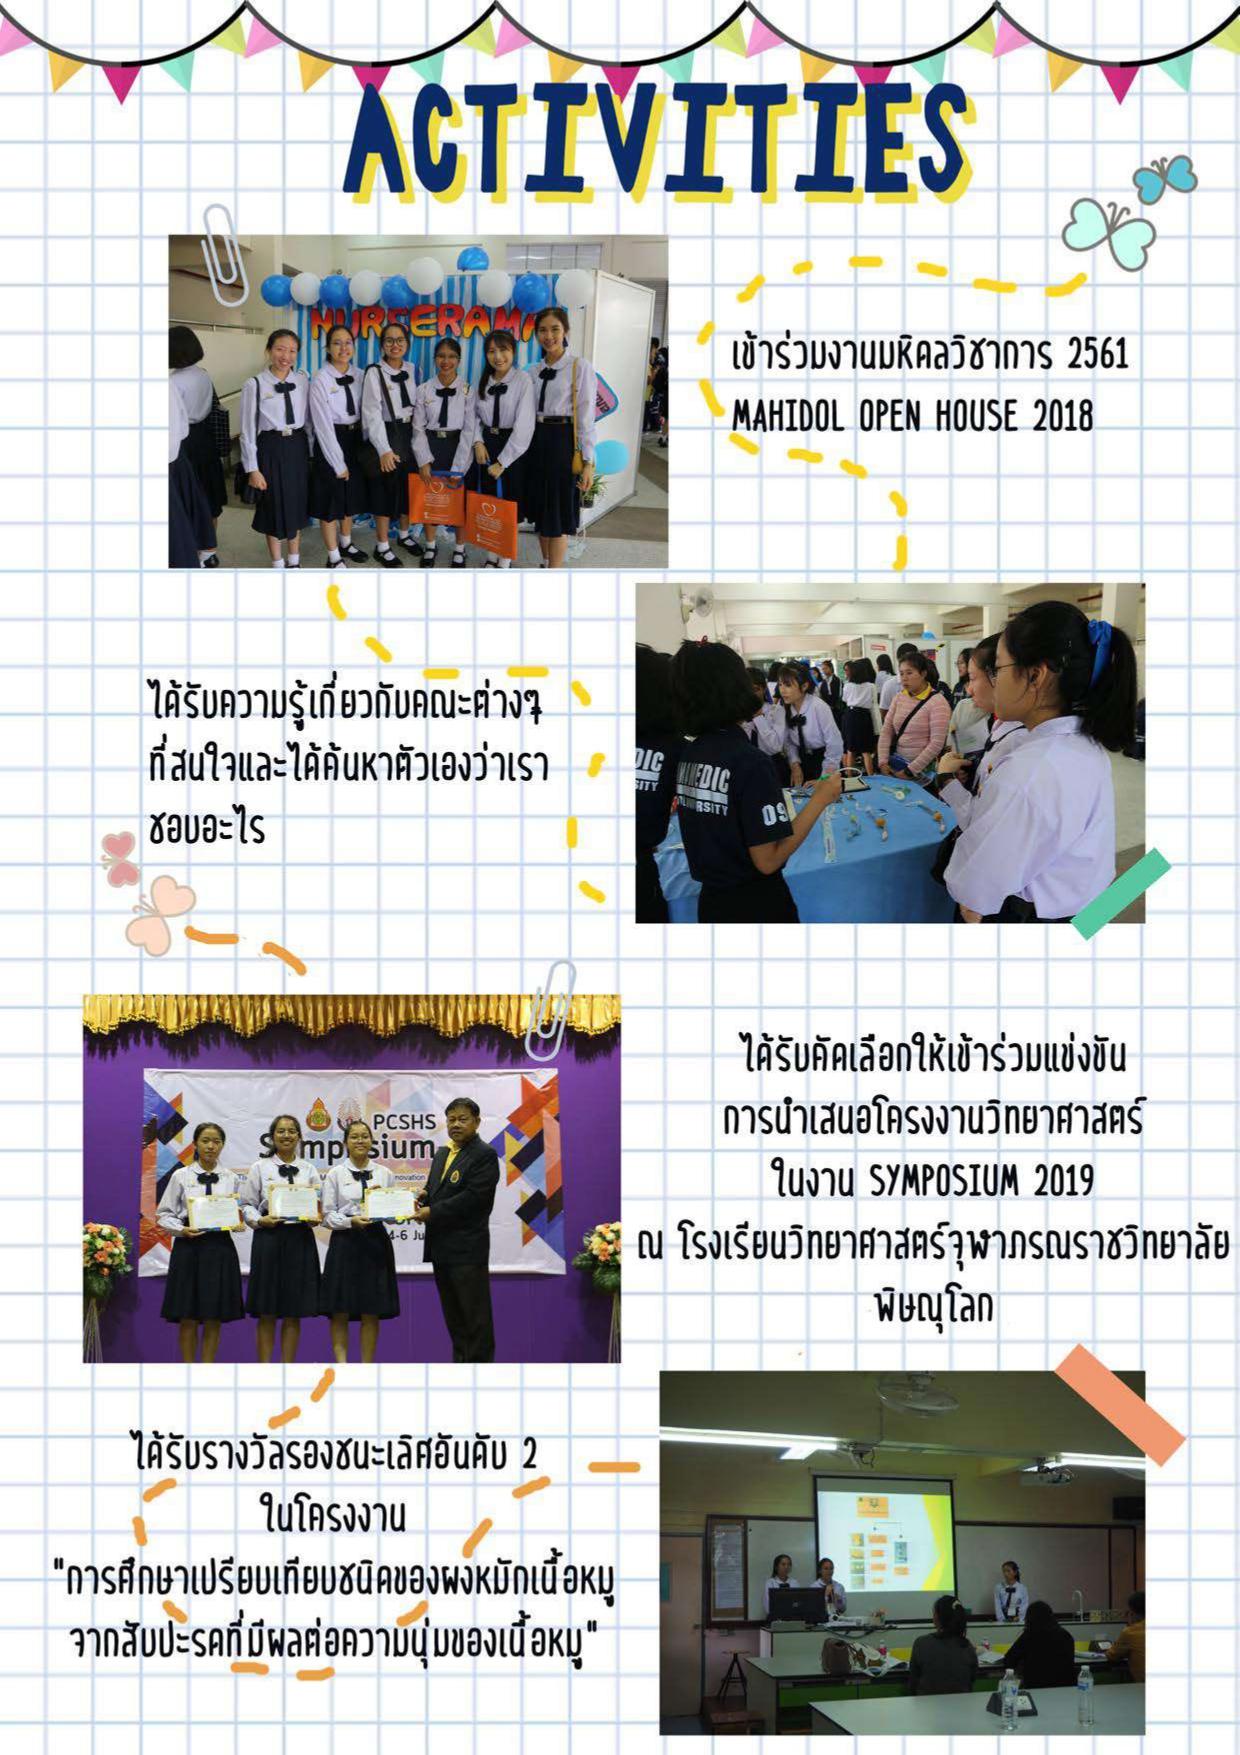 กณิศา หนูจันทร_page-0006